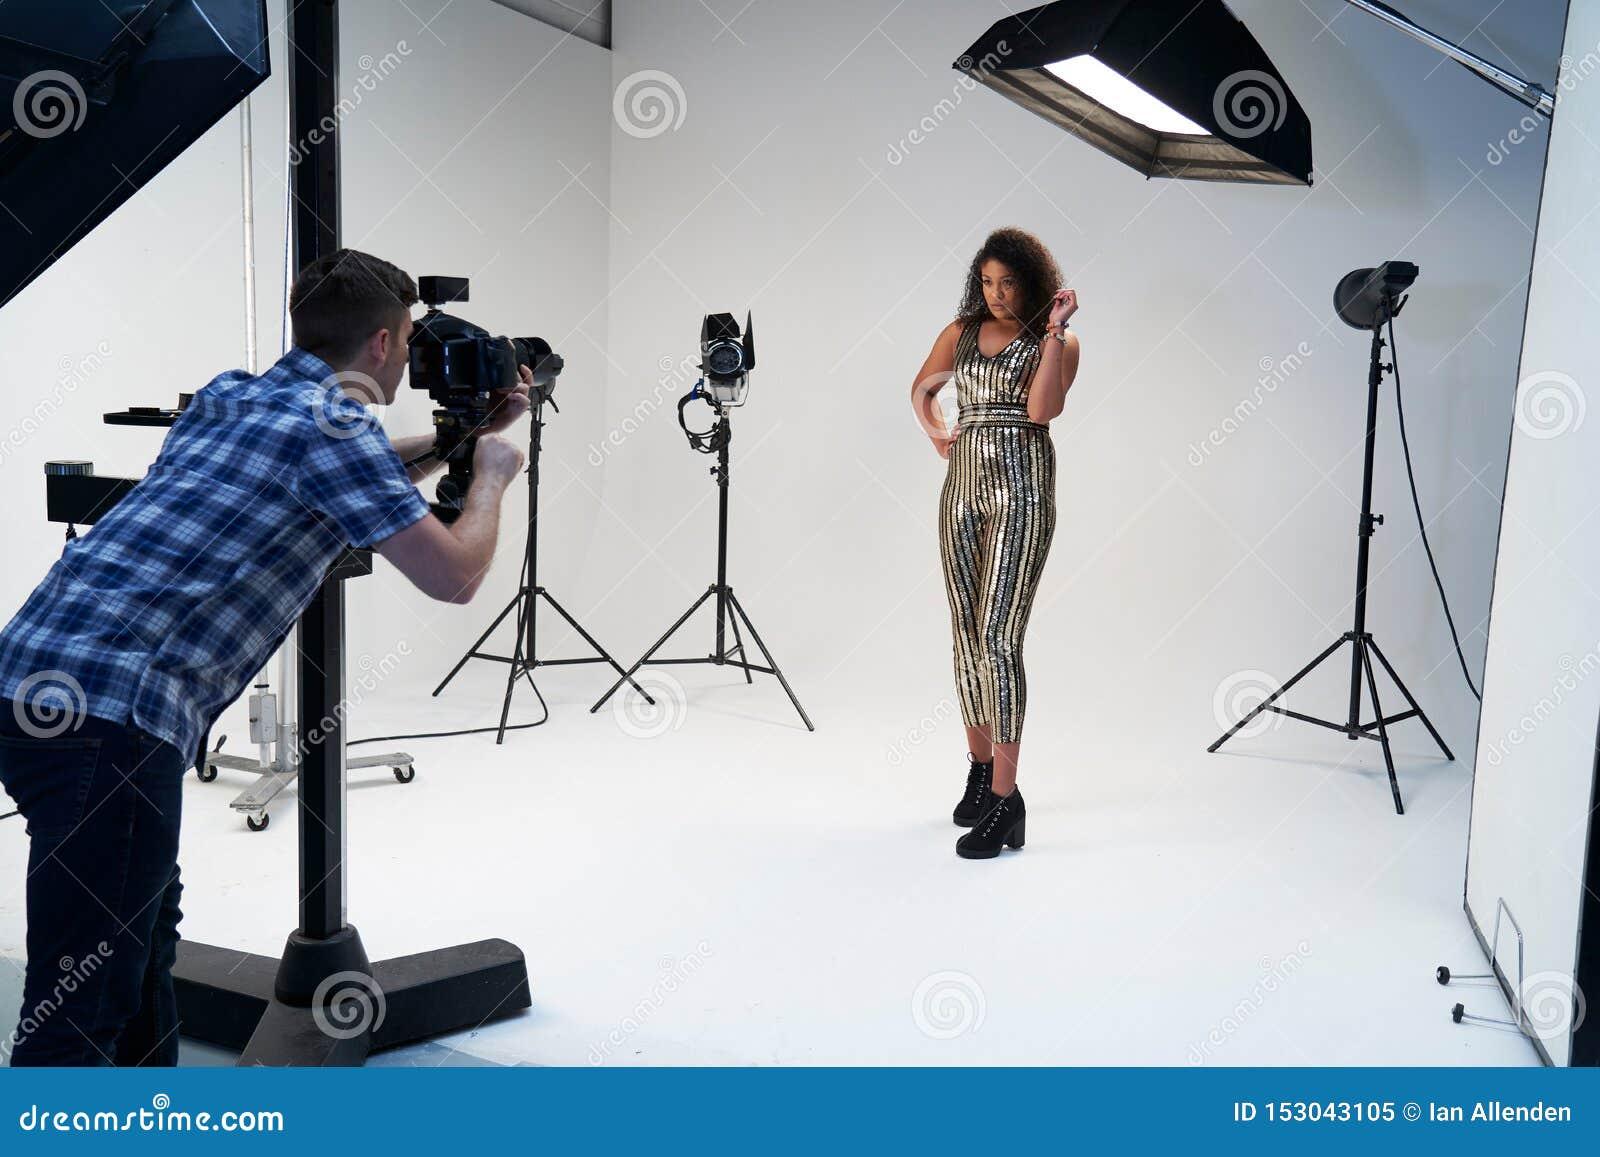 Работа фотографа с моделью в студии девушки на работу в интим салоны